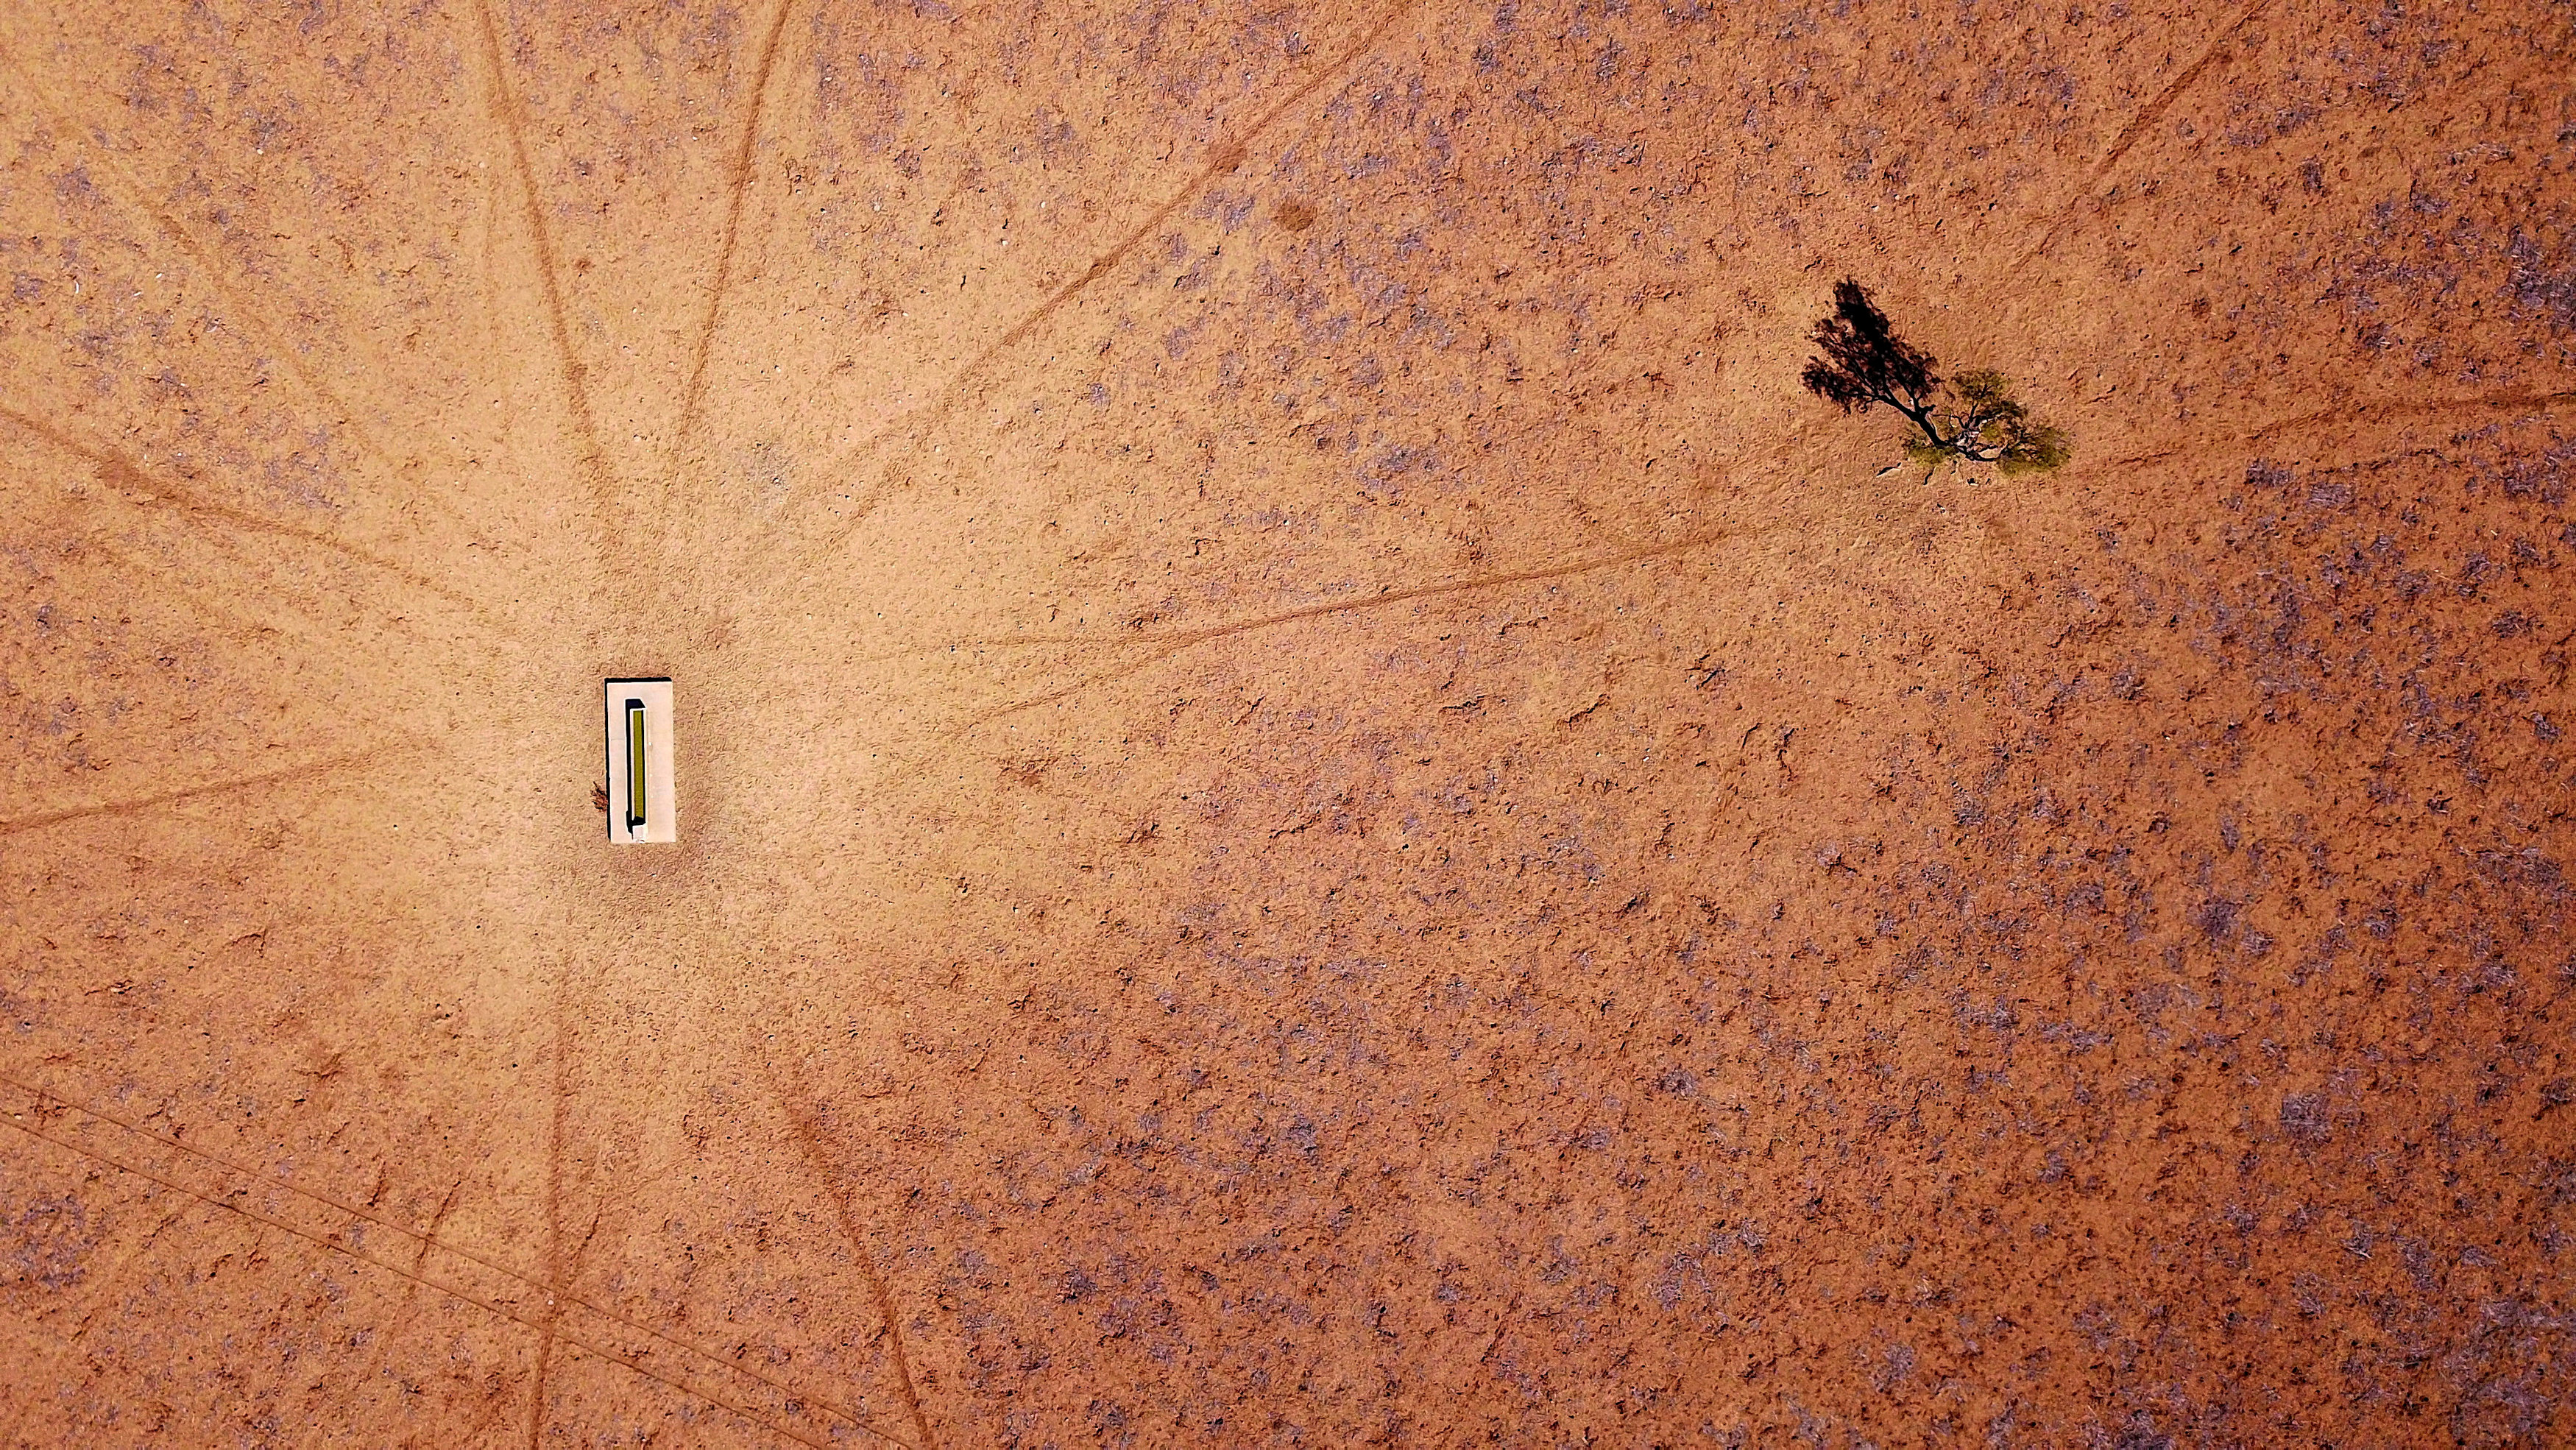 La sequía en el este de Australia, un fenómeno en aumento desde el 2012, fue particularmente fuerte este año, con temperaturas más altas que el promedio histórico. La cosecha fue bajísima y se sacrificaron animales por el alto costo del alimento